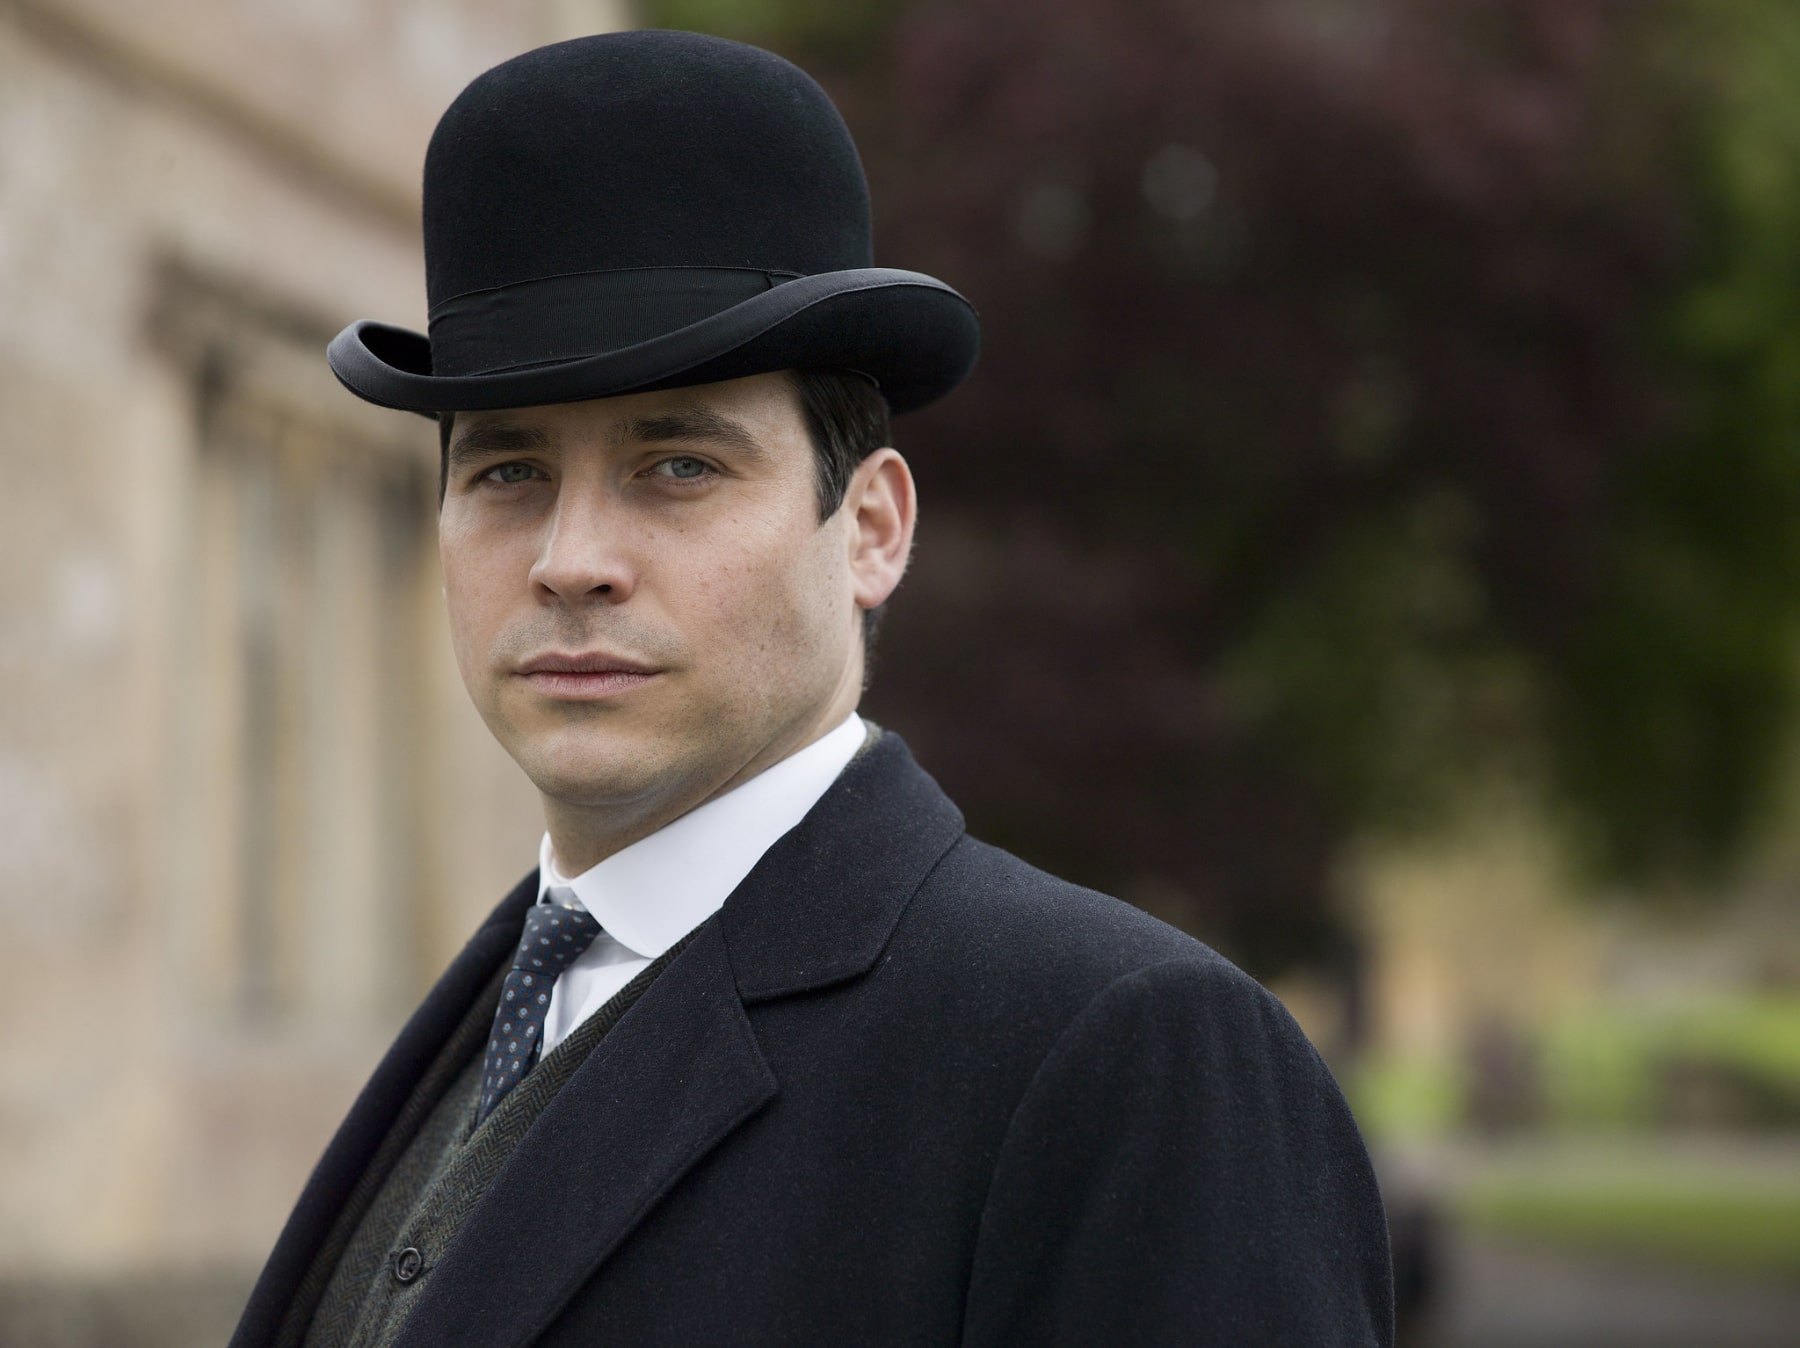 men wear black derby hat